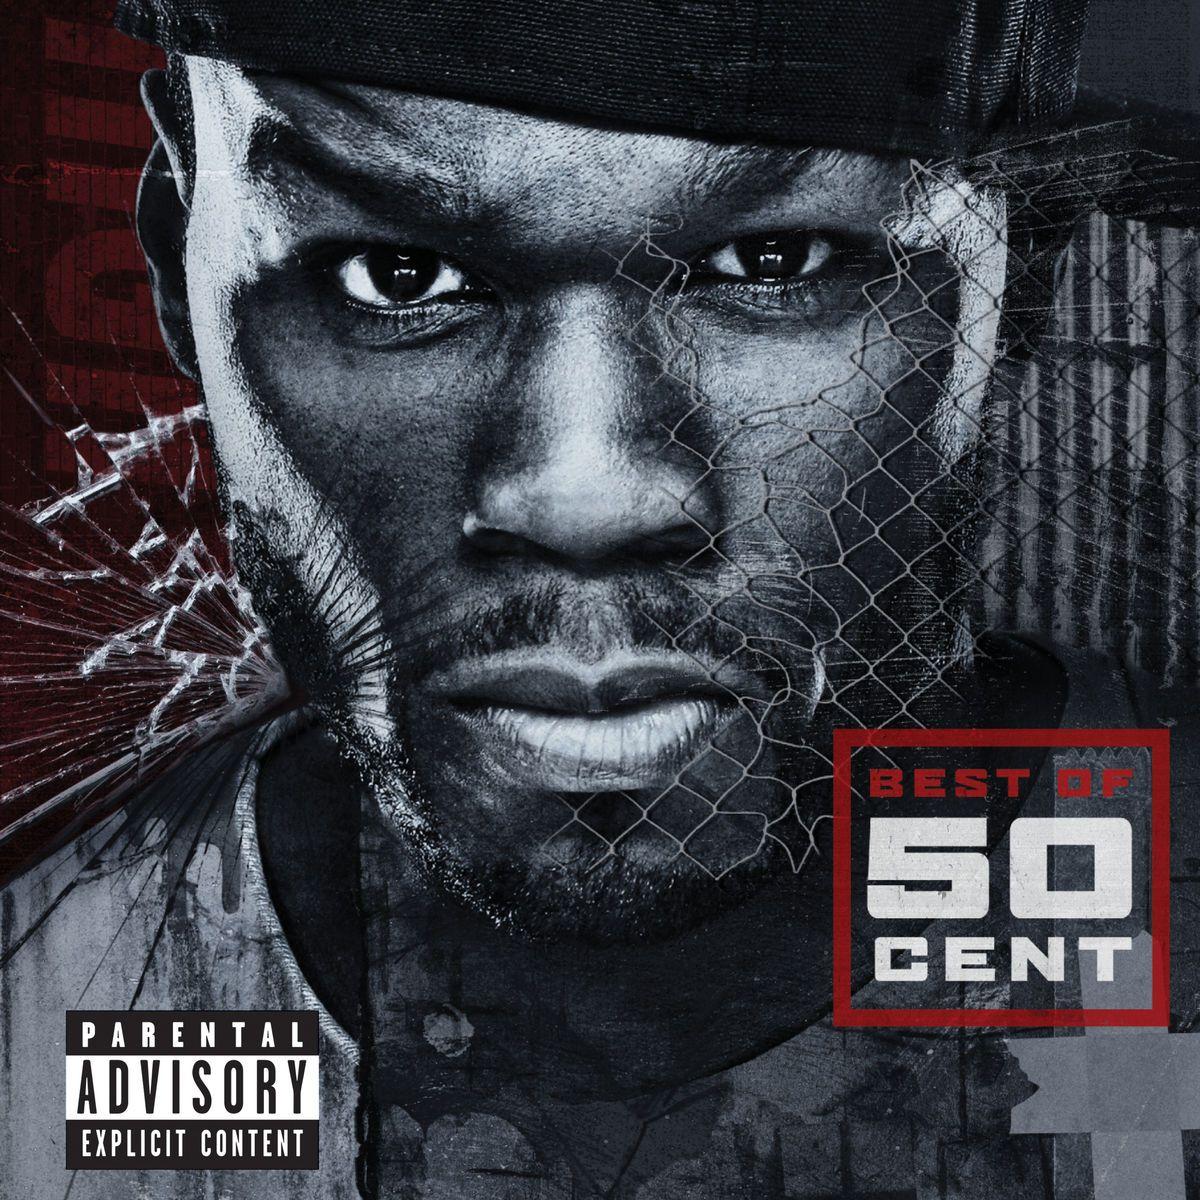 50 Cent - Best Of album cover